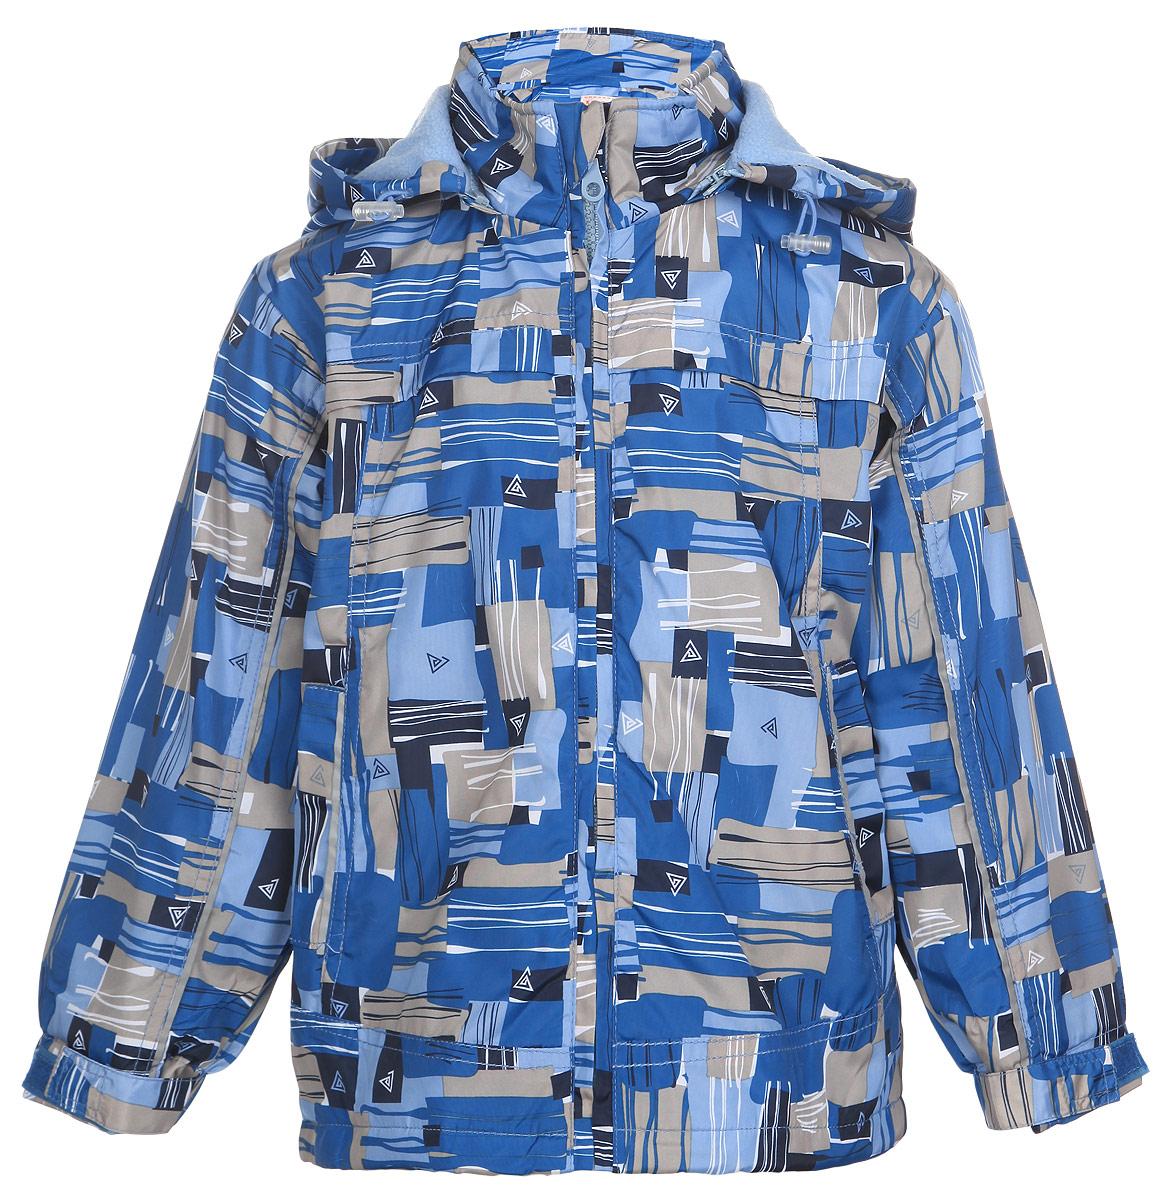 Куртка для мальчика M&D, цвет: голубой, синий, бежевый. 111603R-10. Размер 110111603R-10Легкая куртка для мальчика M&D, изготовленная из полиэстера, идеально подойдет для ребенка в прохладную погоду. Для большего комфорта на подкладке используется мягкий флис, который хорошо сохраняет тепло.Куртка с капюшоном застегивается на пластиковую молнию с защитой подбородка. Капюшон по краю дополнен затягивающимся шнурком со стопперами. Низ рукавов присборен на резинки. Ширину манжет можно регулировать при помощи хлястиков на липучках. Низ куртки оснащен резинкой со стопперами, защищающей от проникновения холодного воздуха. Спереди расположены два втачных кармана. Оформлено изделие оригинальным принтом.Куртка дополнена светоотражающими элементами для безопасности ребенка в темное время суток.Комфортная, удобная и практичная куртка идеально подойдет для прогулок и игр на свежем воздухе!